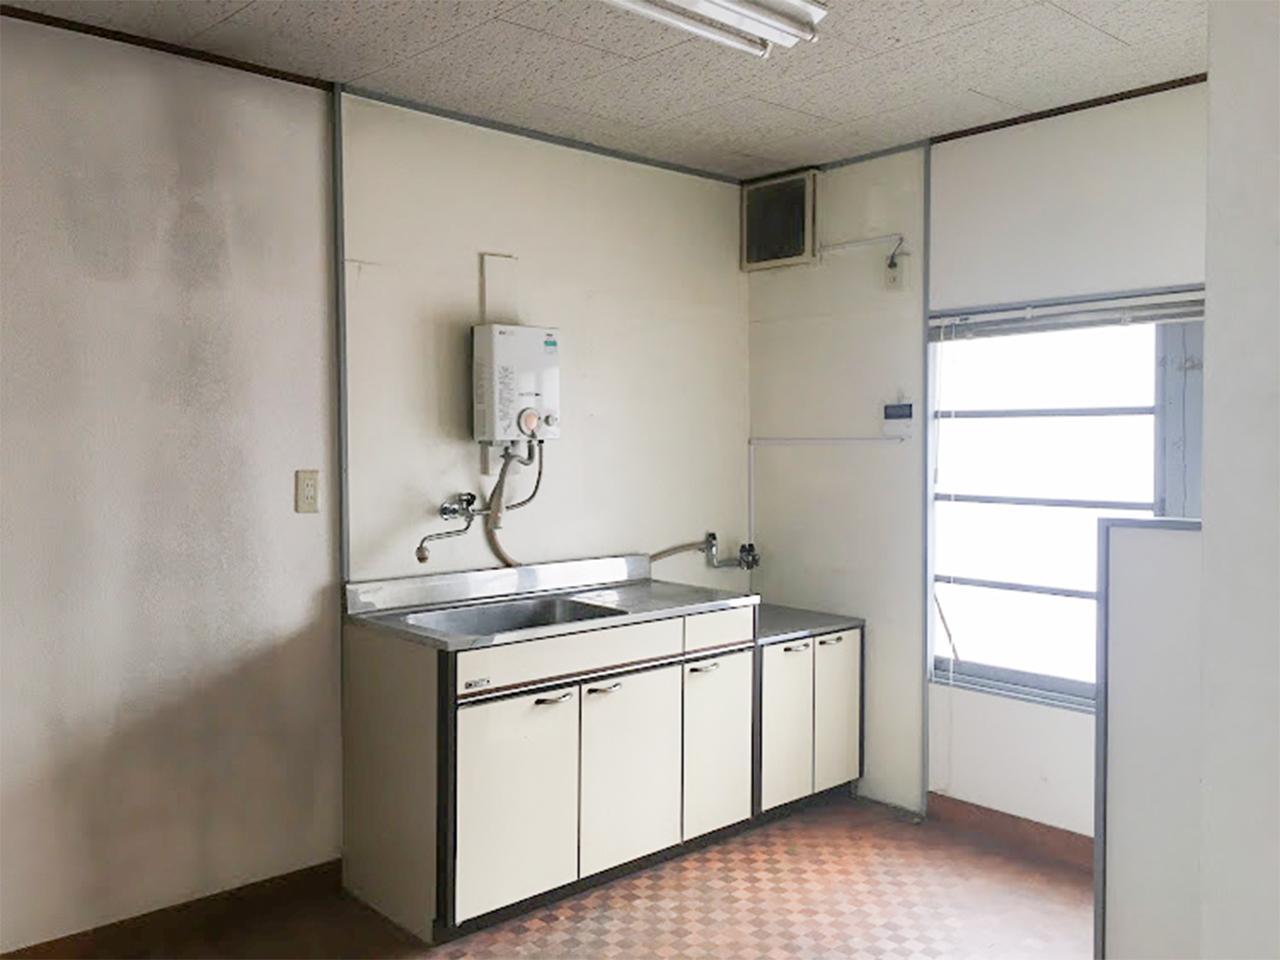 キッチン(前回募集時の写真です)